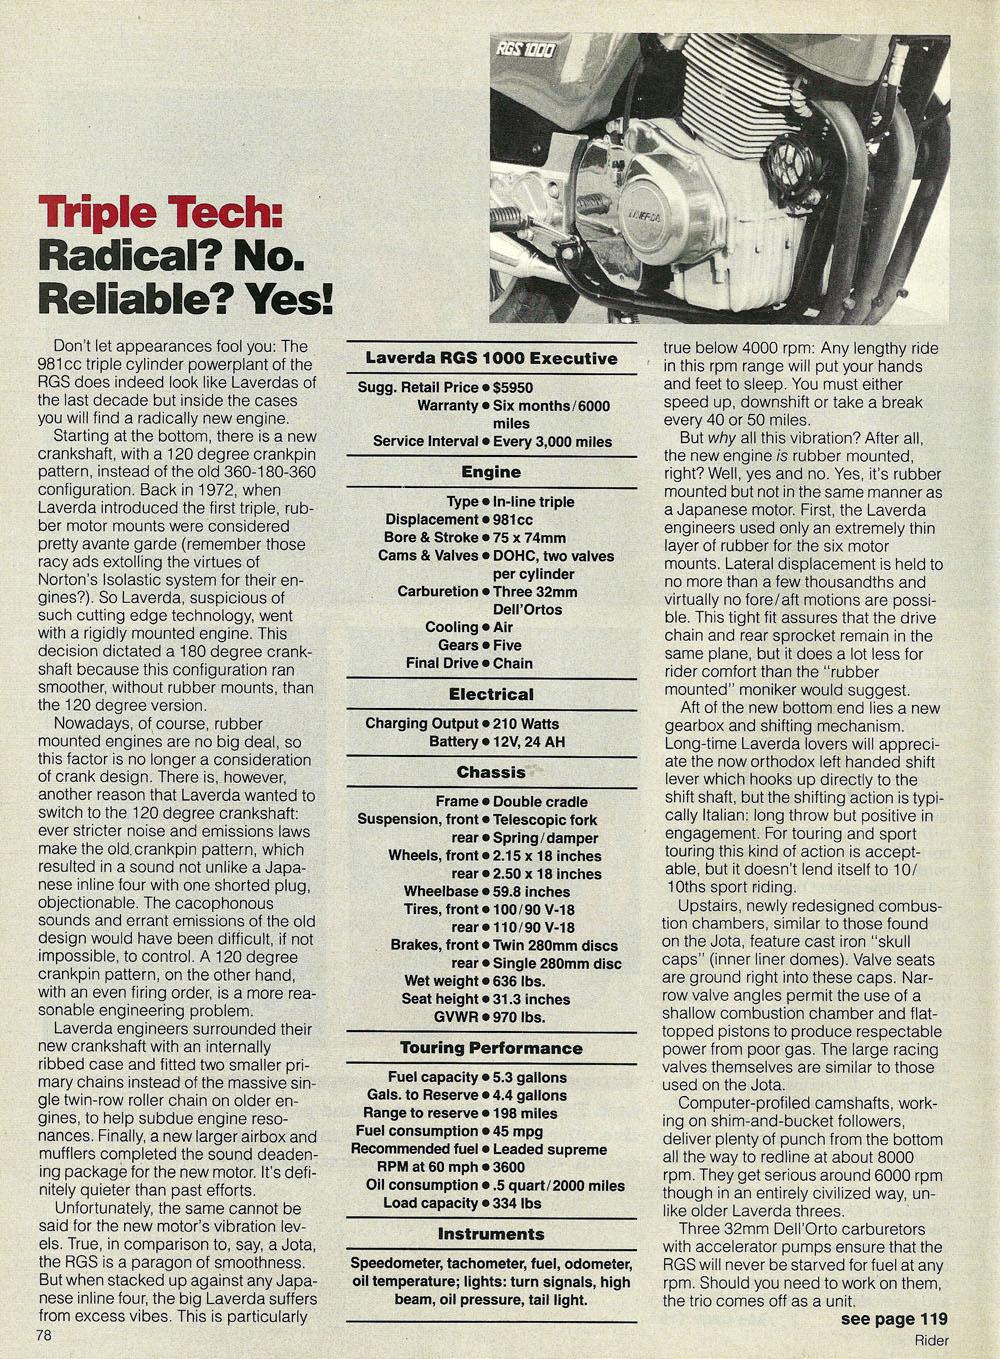 1984 Laverda triple tech 01.jpg